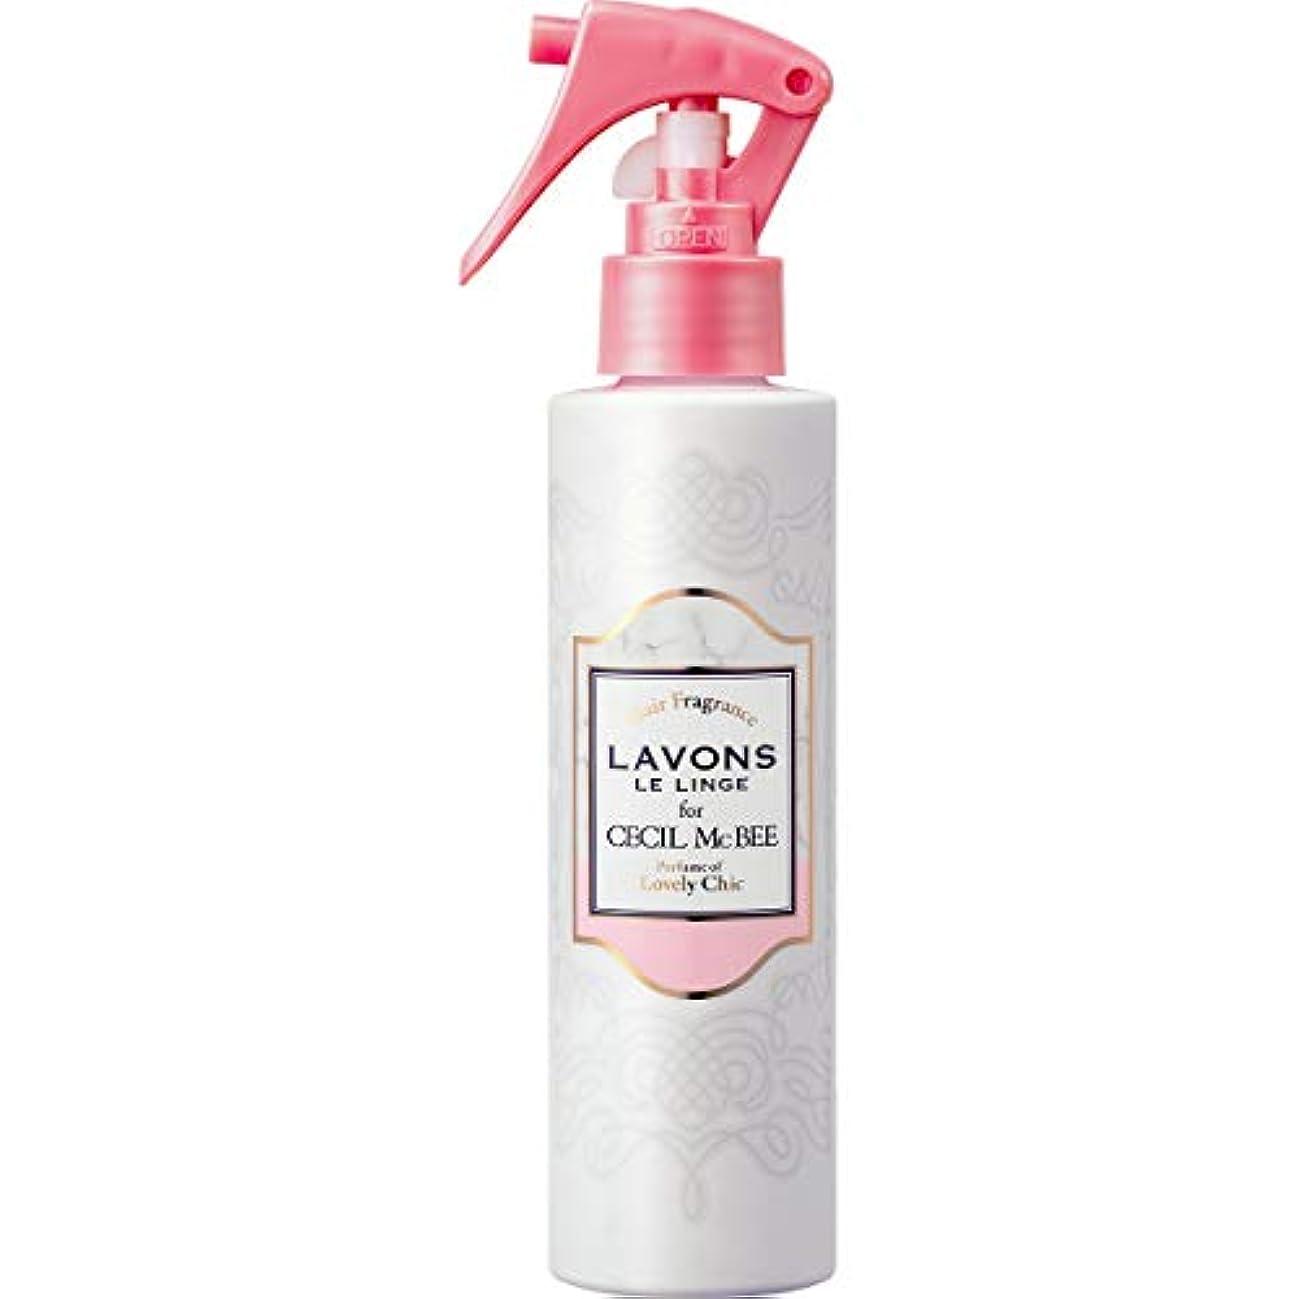 肯定的プロジェクターコミットメントラボン for CECIL McBEE ヘアフレグランスミスト ラブリーシックの香り 150ml